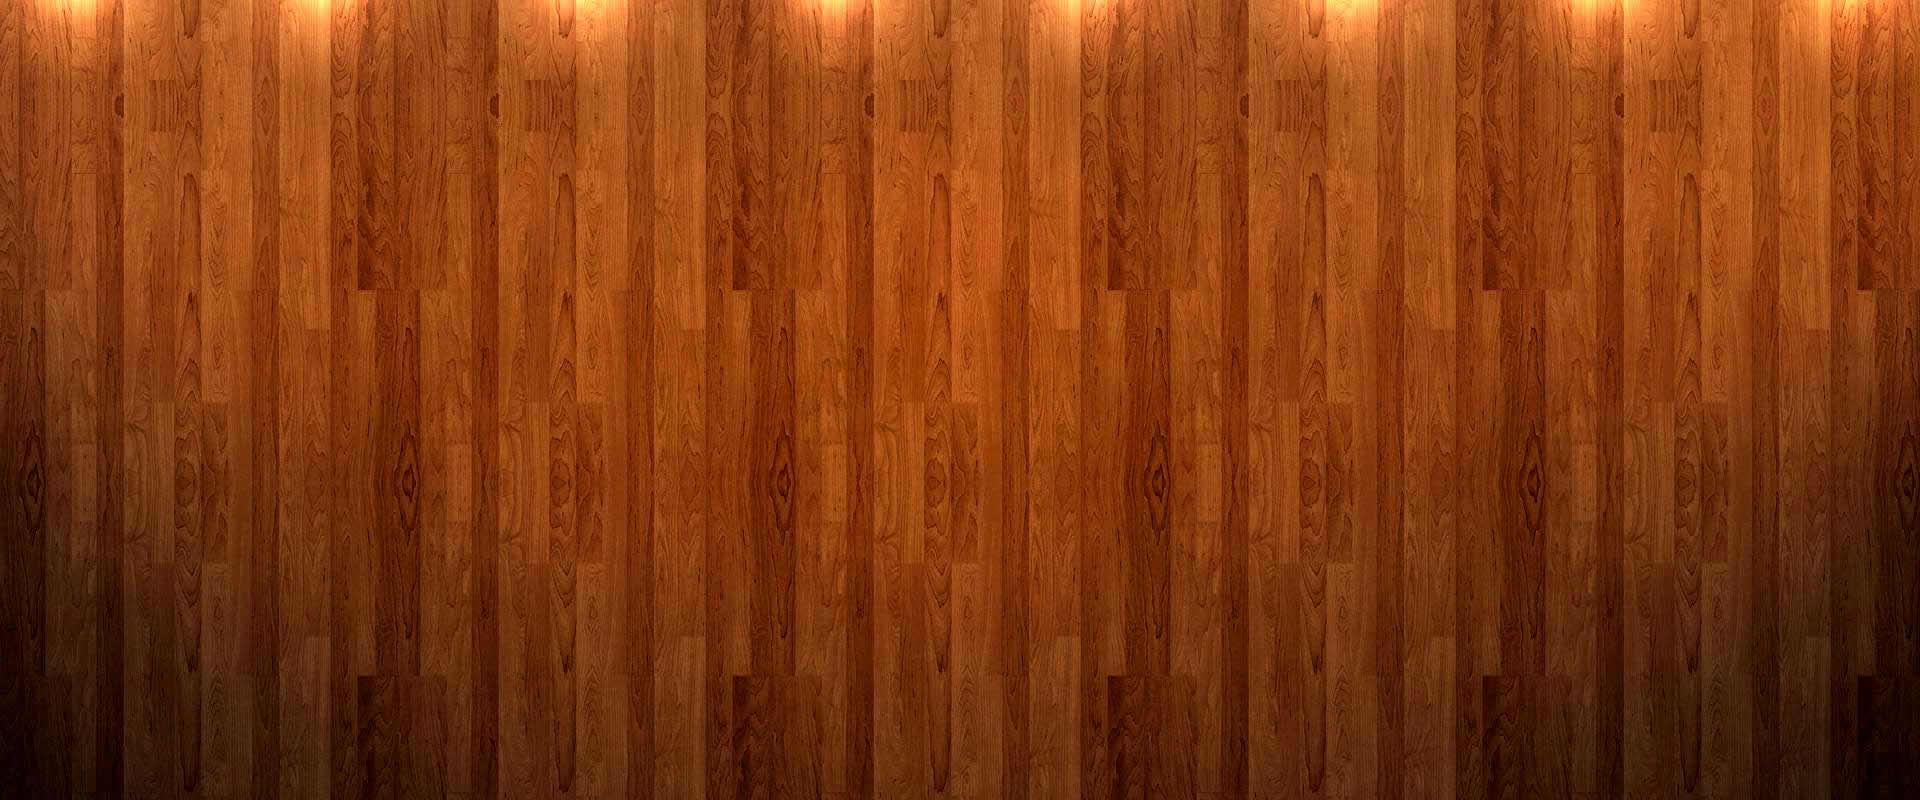 Hardwood Floor Installation Repair Refinishing Ny Nj Ct Pa